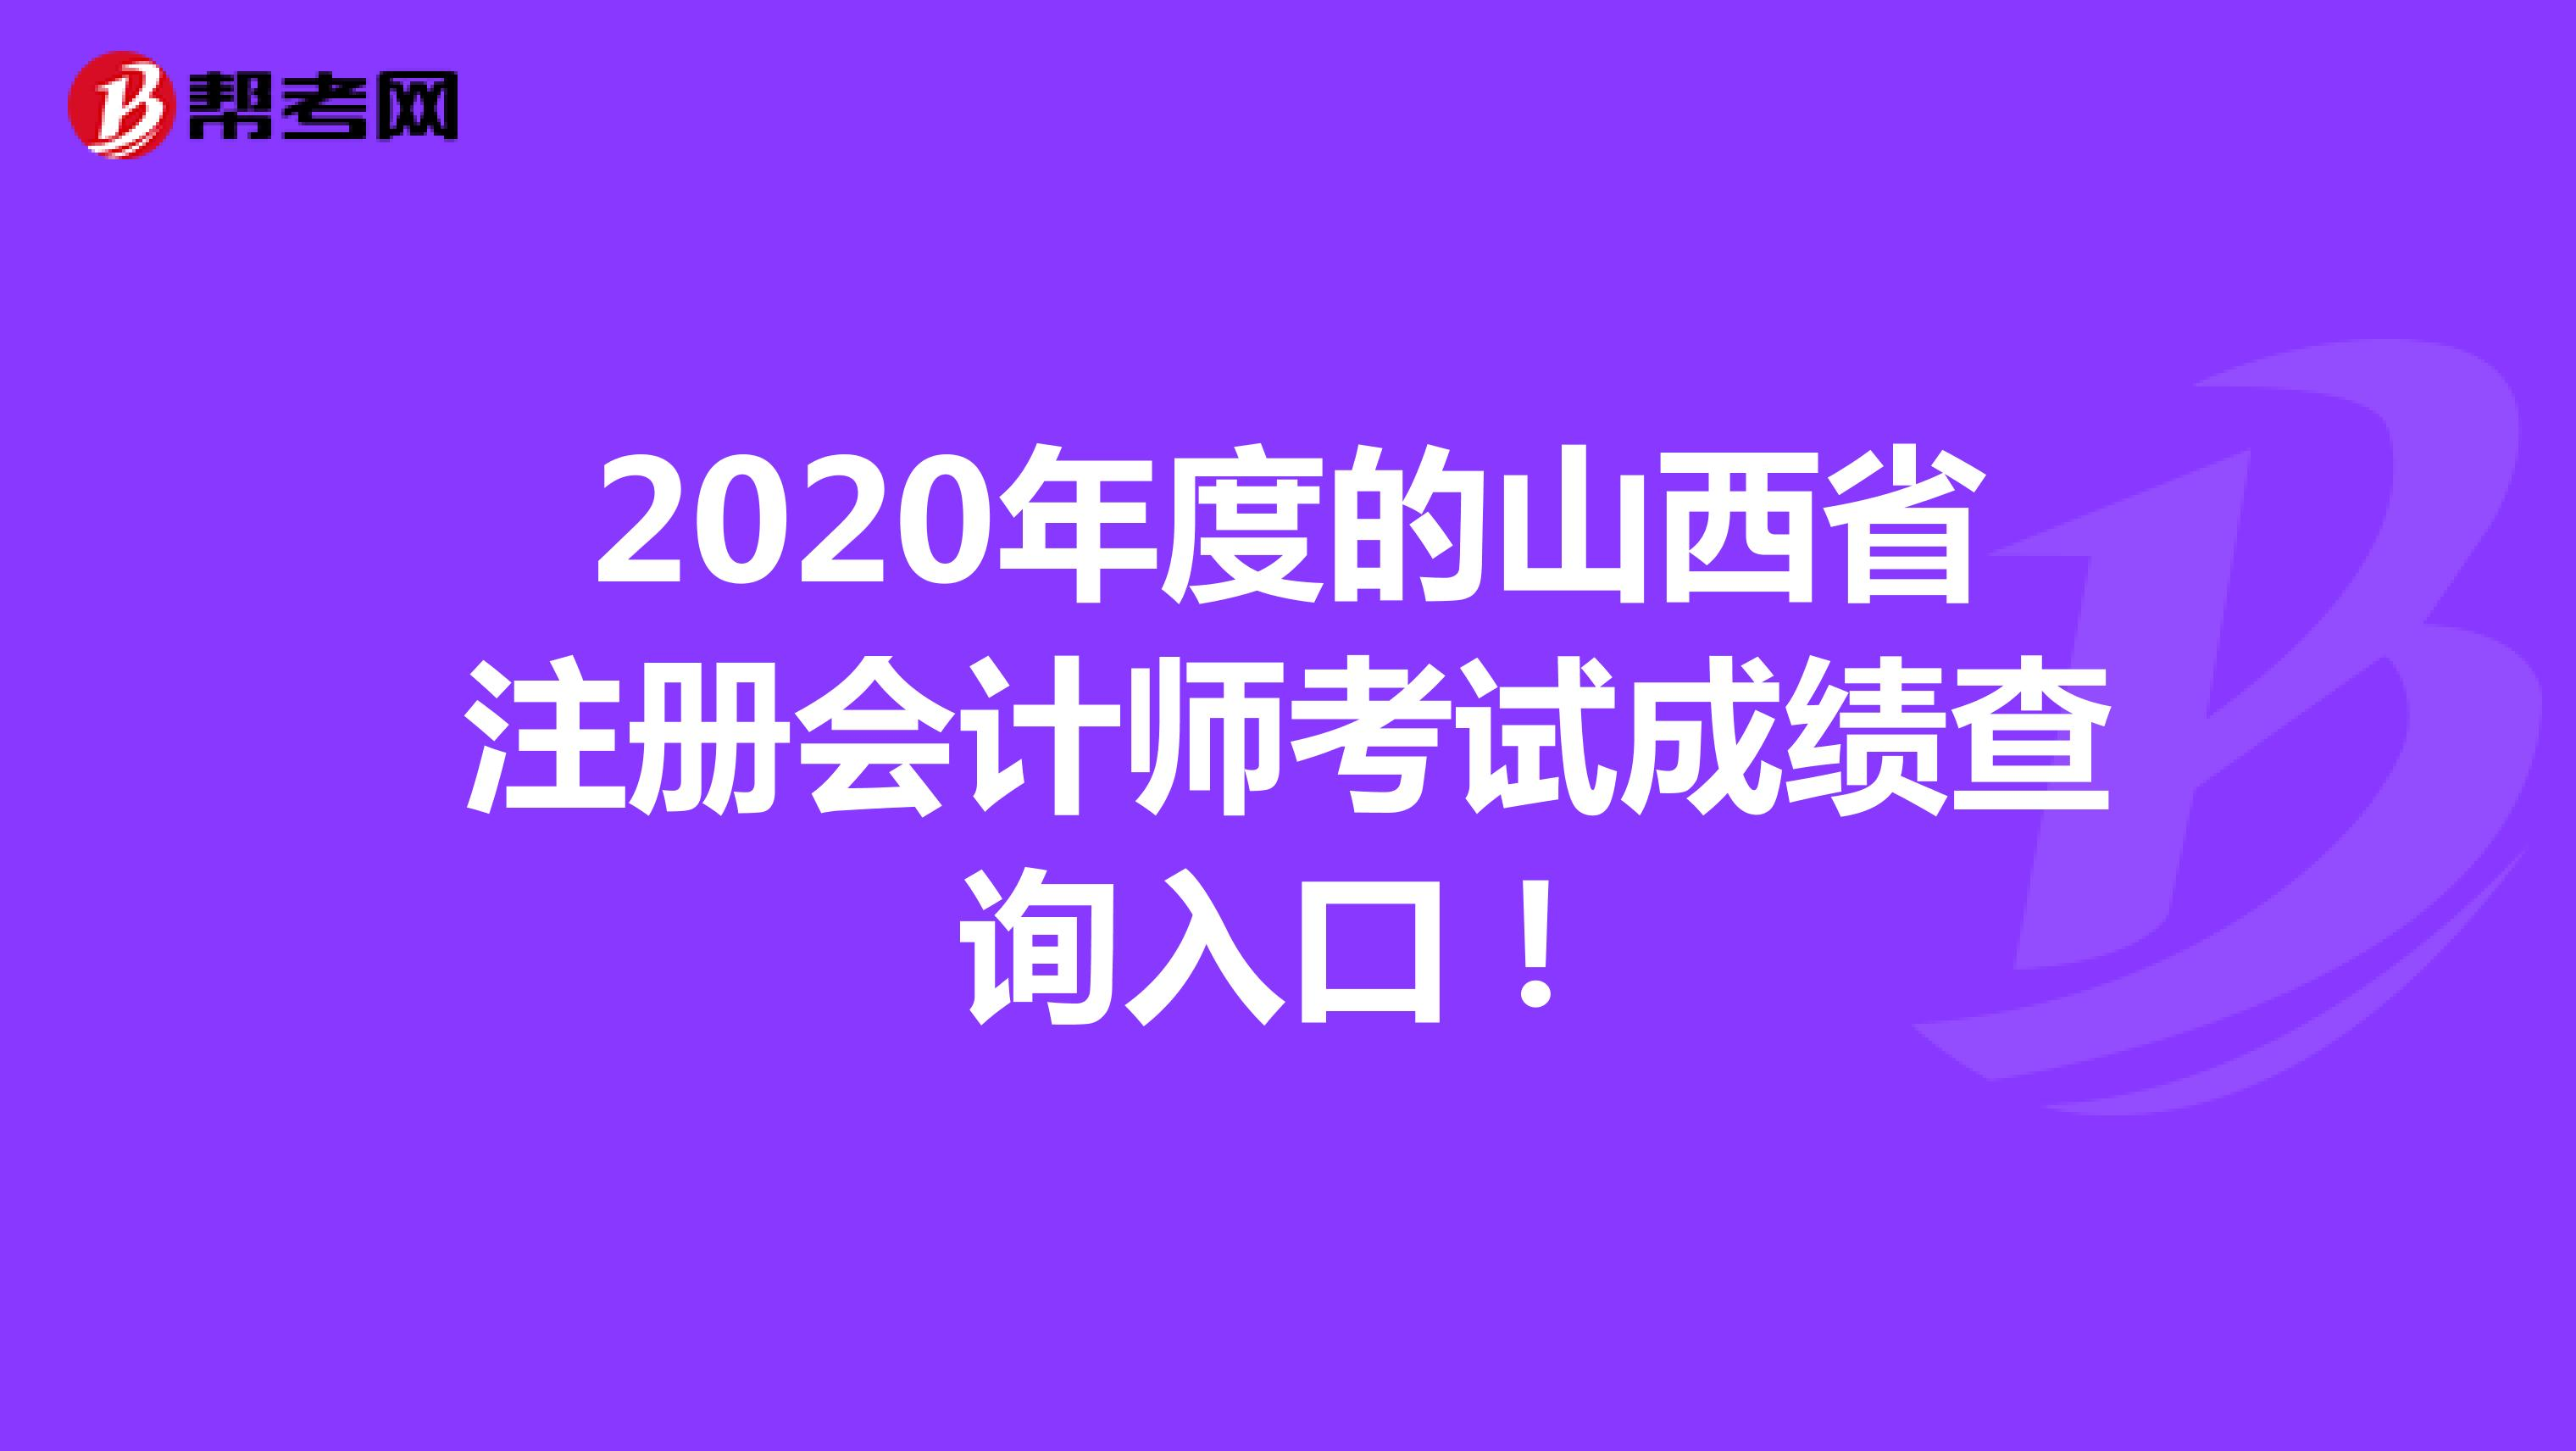 2020年度的山西省注冊會計師考試成績查詢入口!